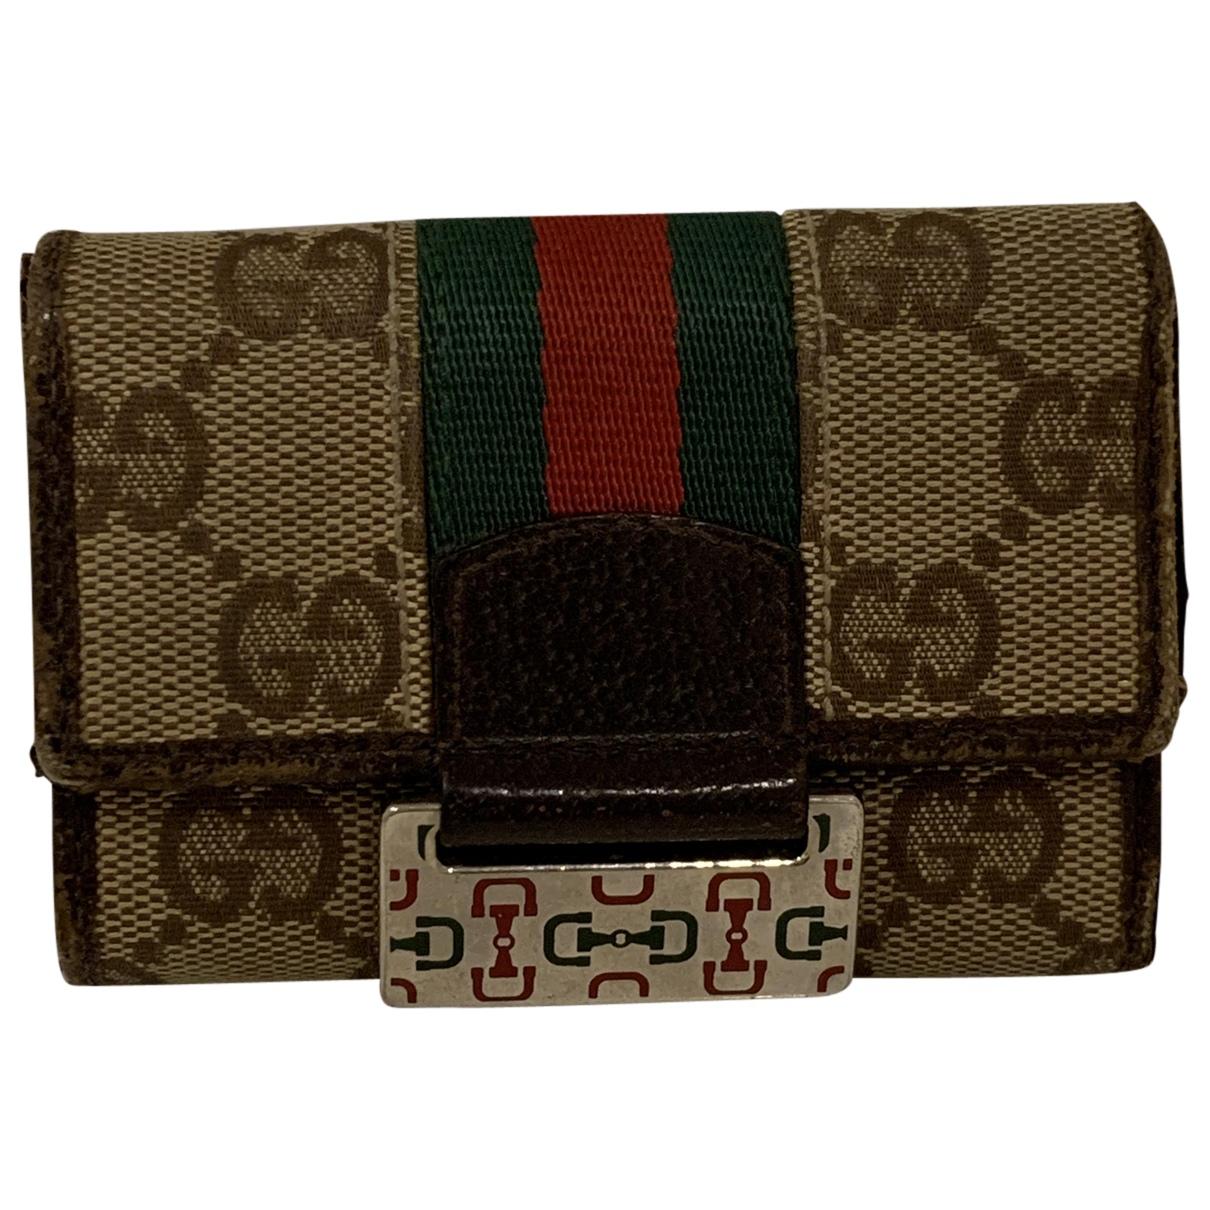 Gucci Ophidia Kleinlederwaren in  Beige Baumwolle